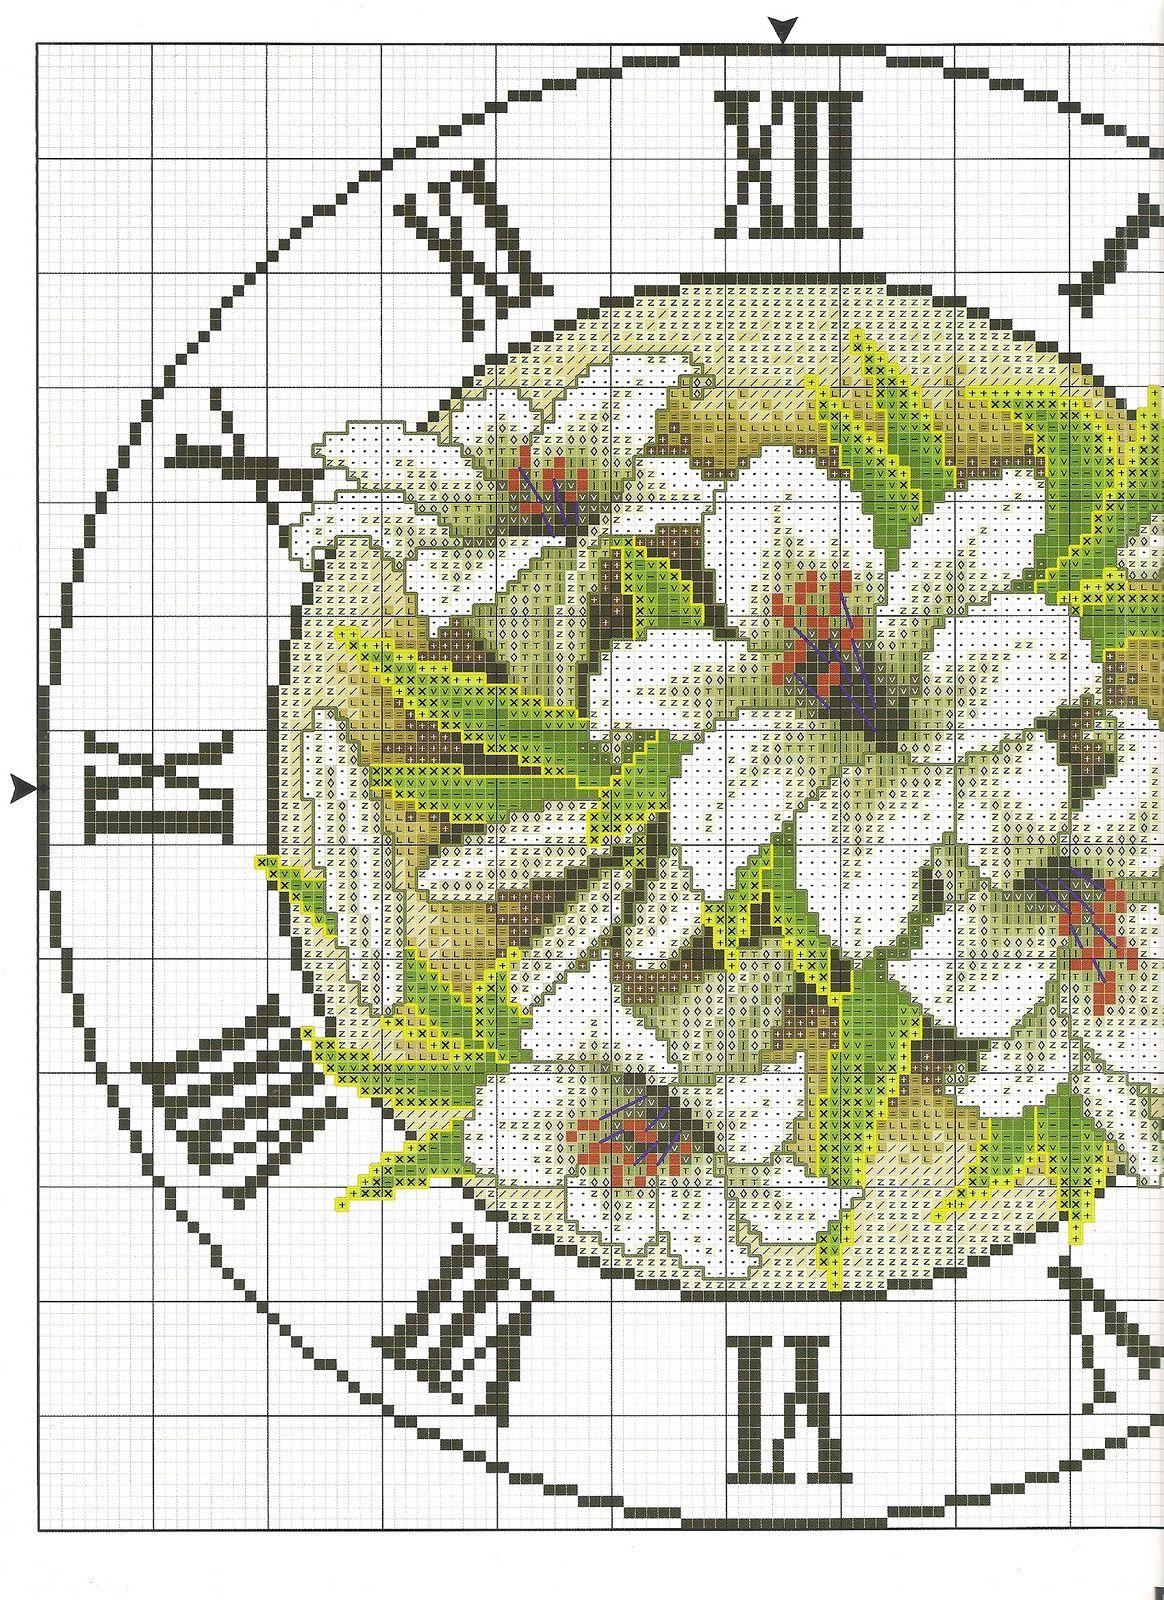 Orologio rotondo con gigli punto croce 1 magiedifilo for Orologio punto croce schemi gratis